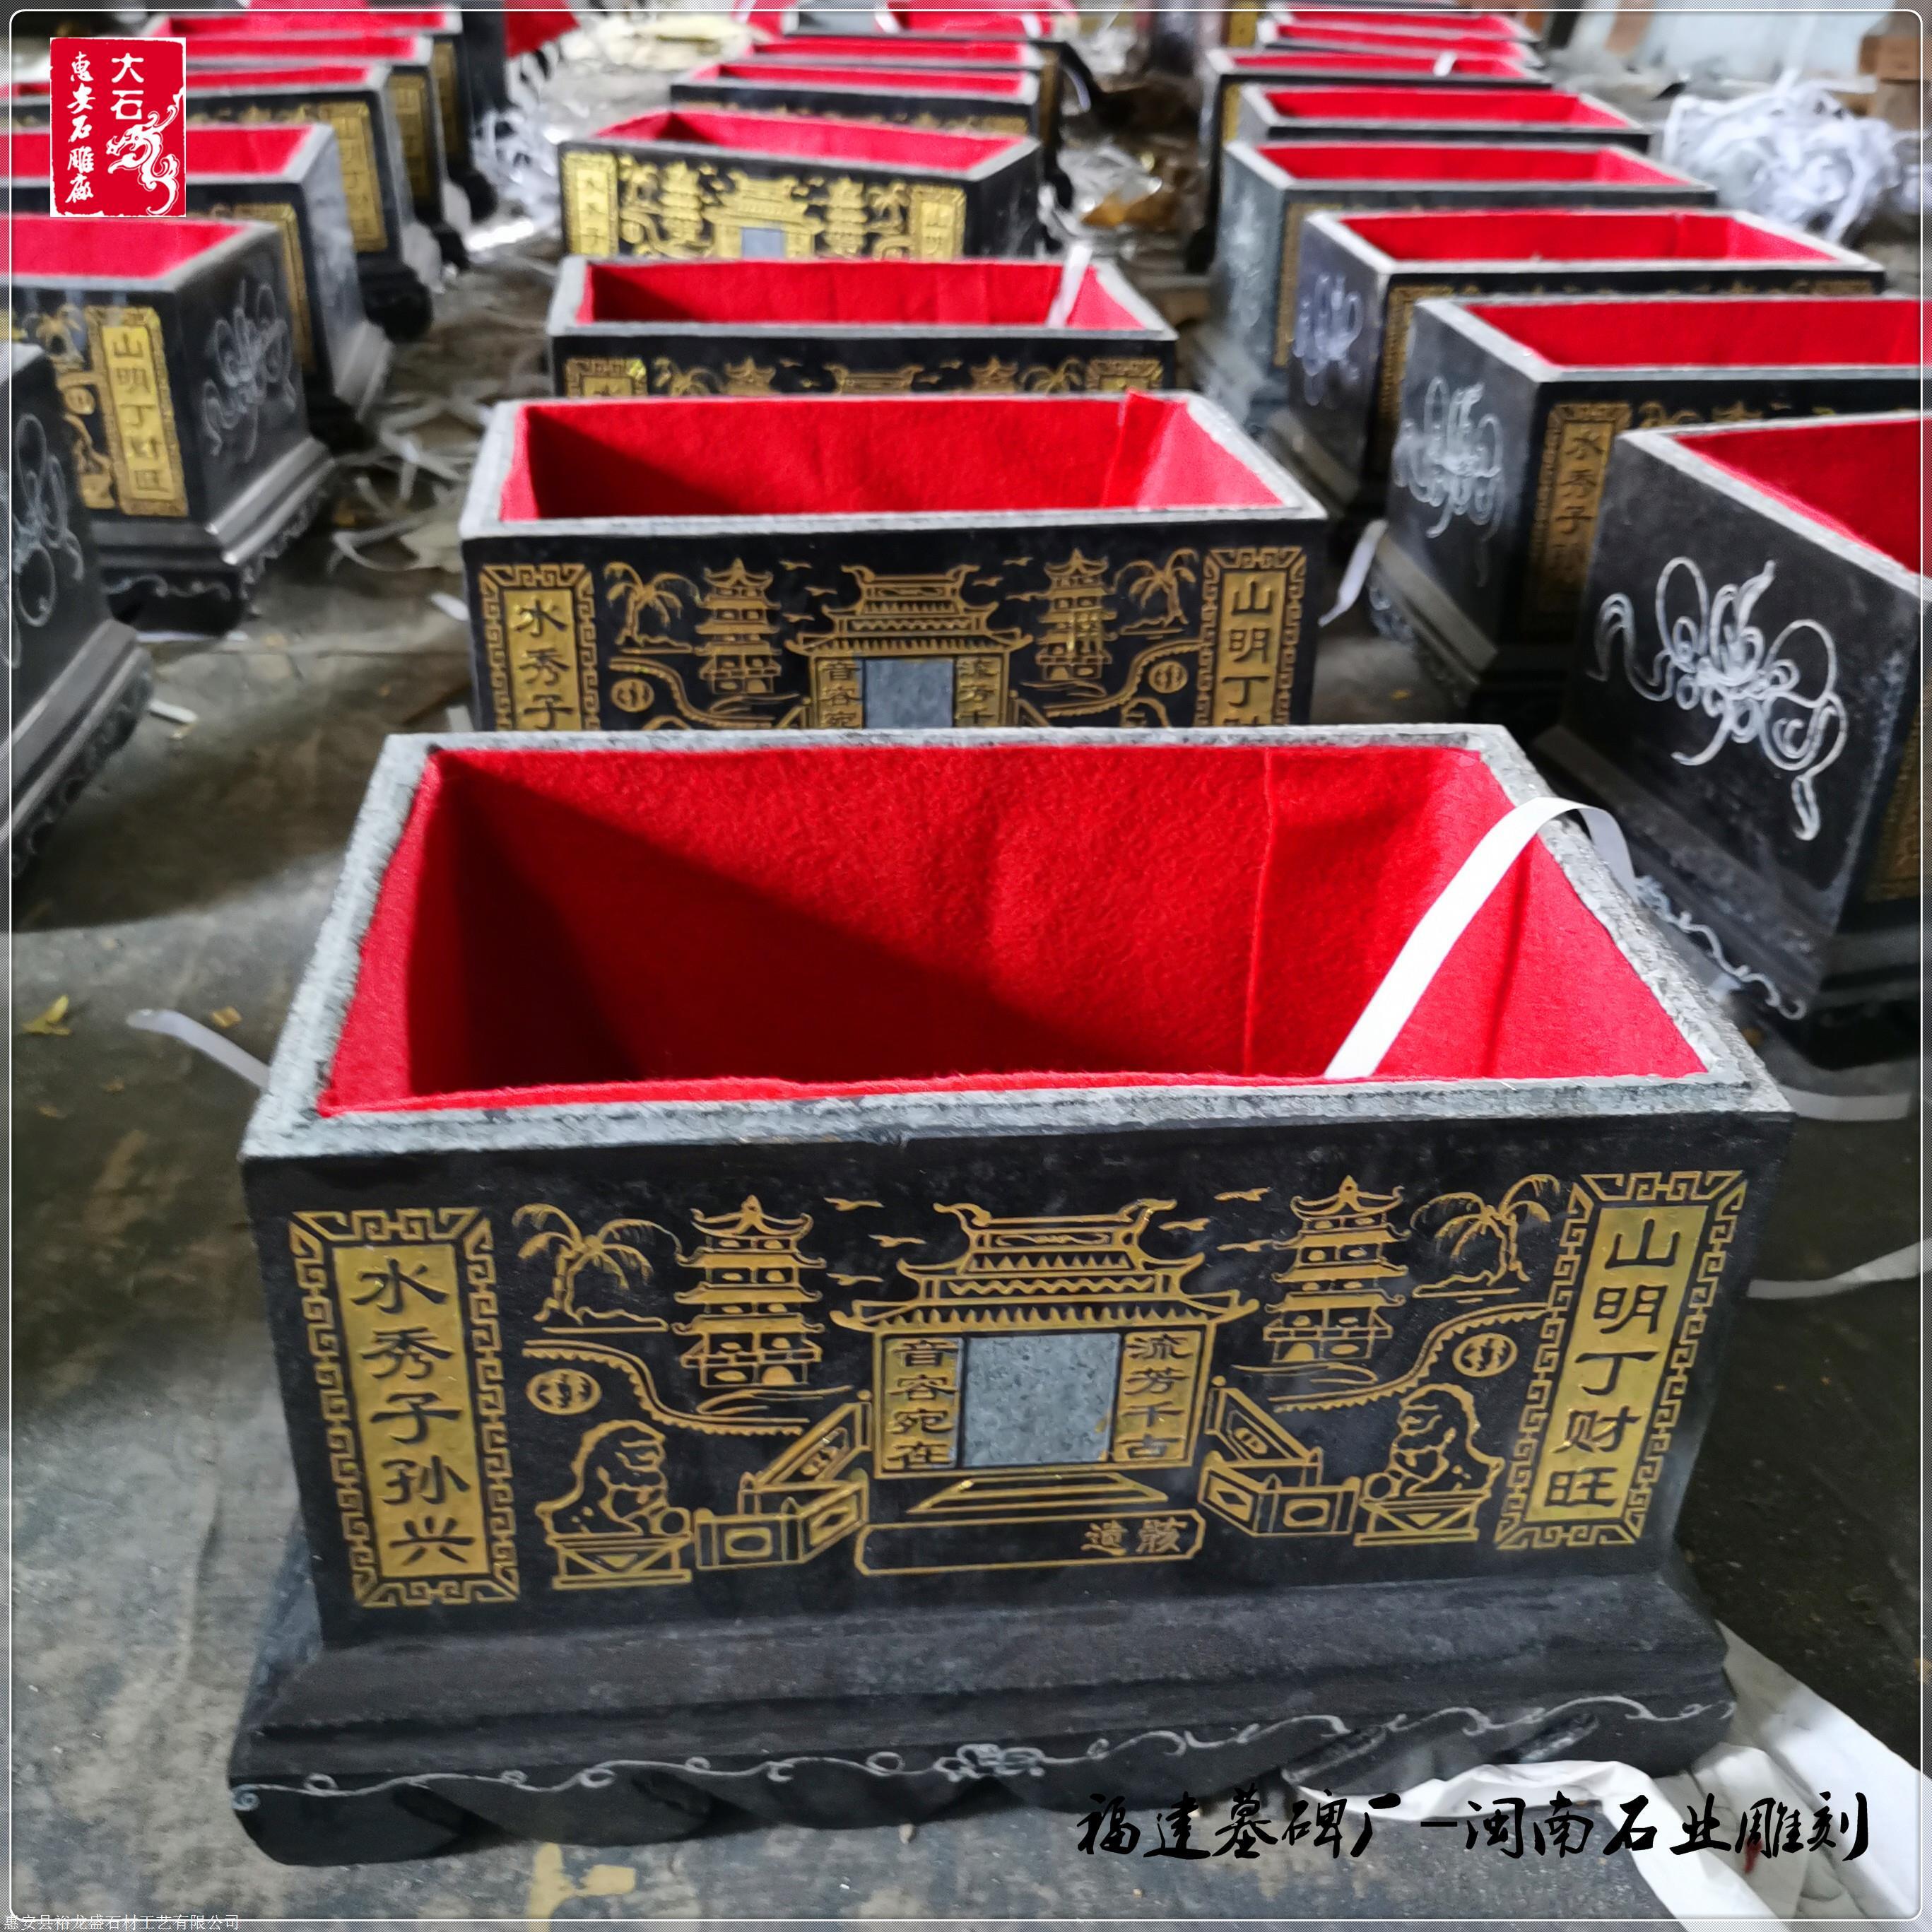 大理石龙凤棺材 玉石骨灰盒 殡葬用品 玉器骨灰盒示例图16